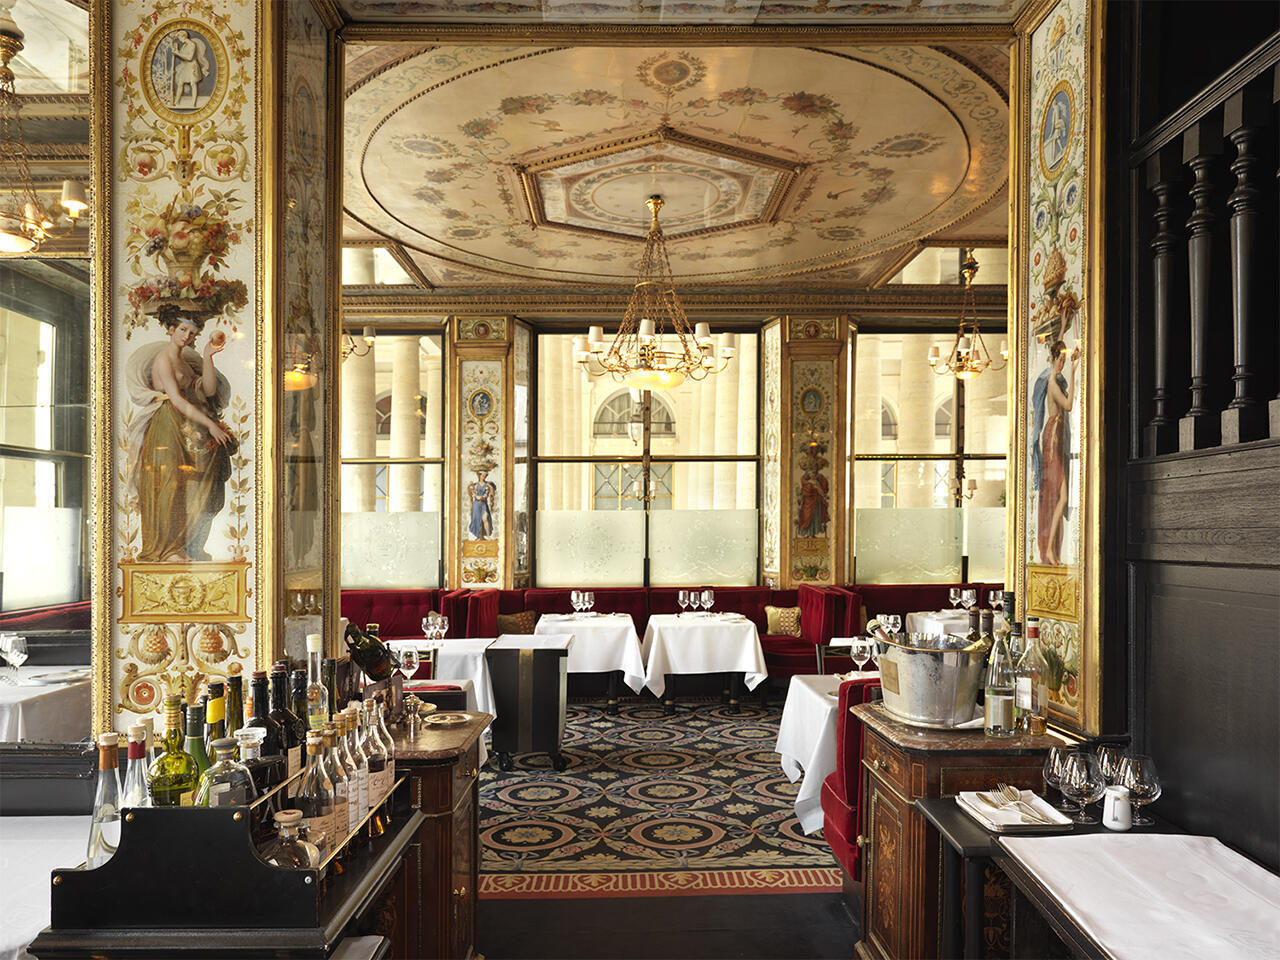 Исторические рестораны Парижа. Ресторан Le Grand Véfour в Пале-Руаяль.